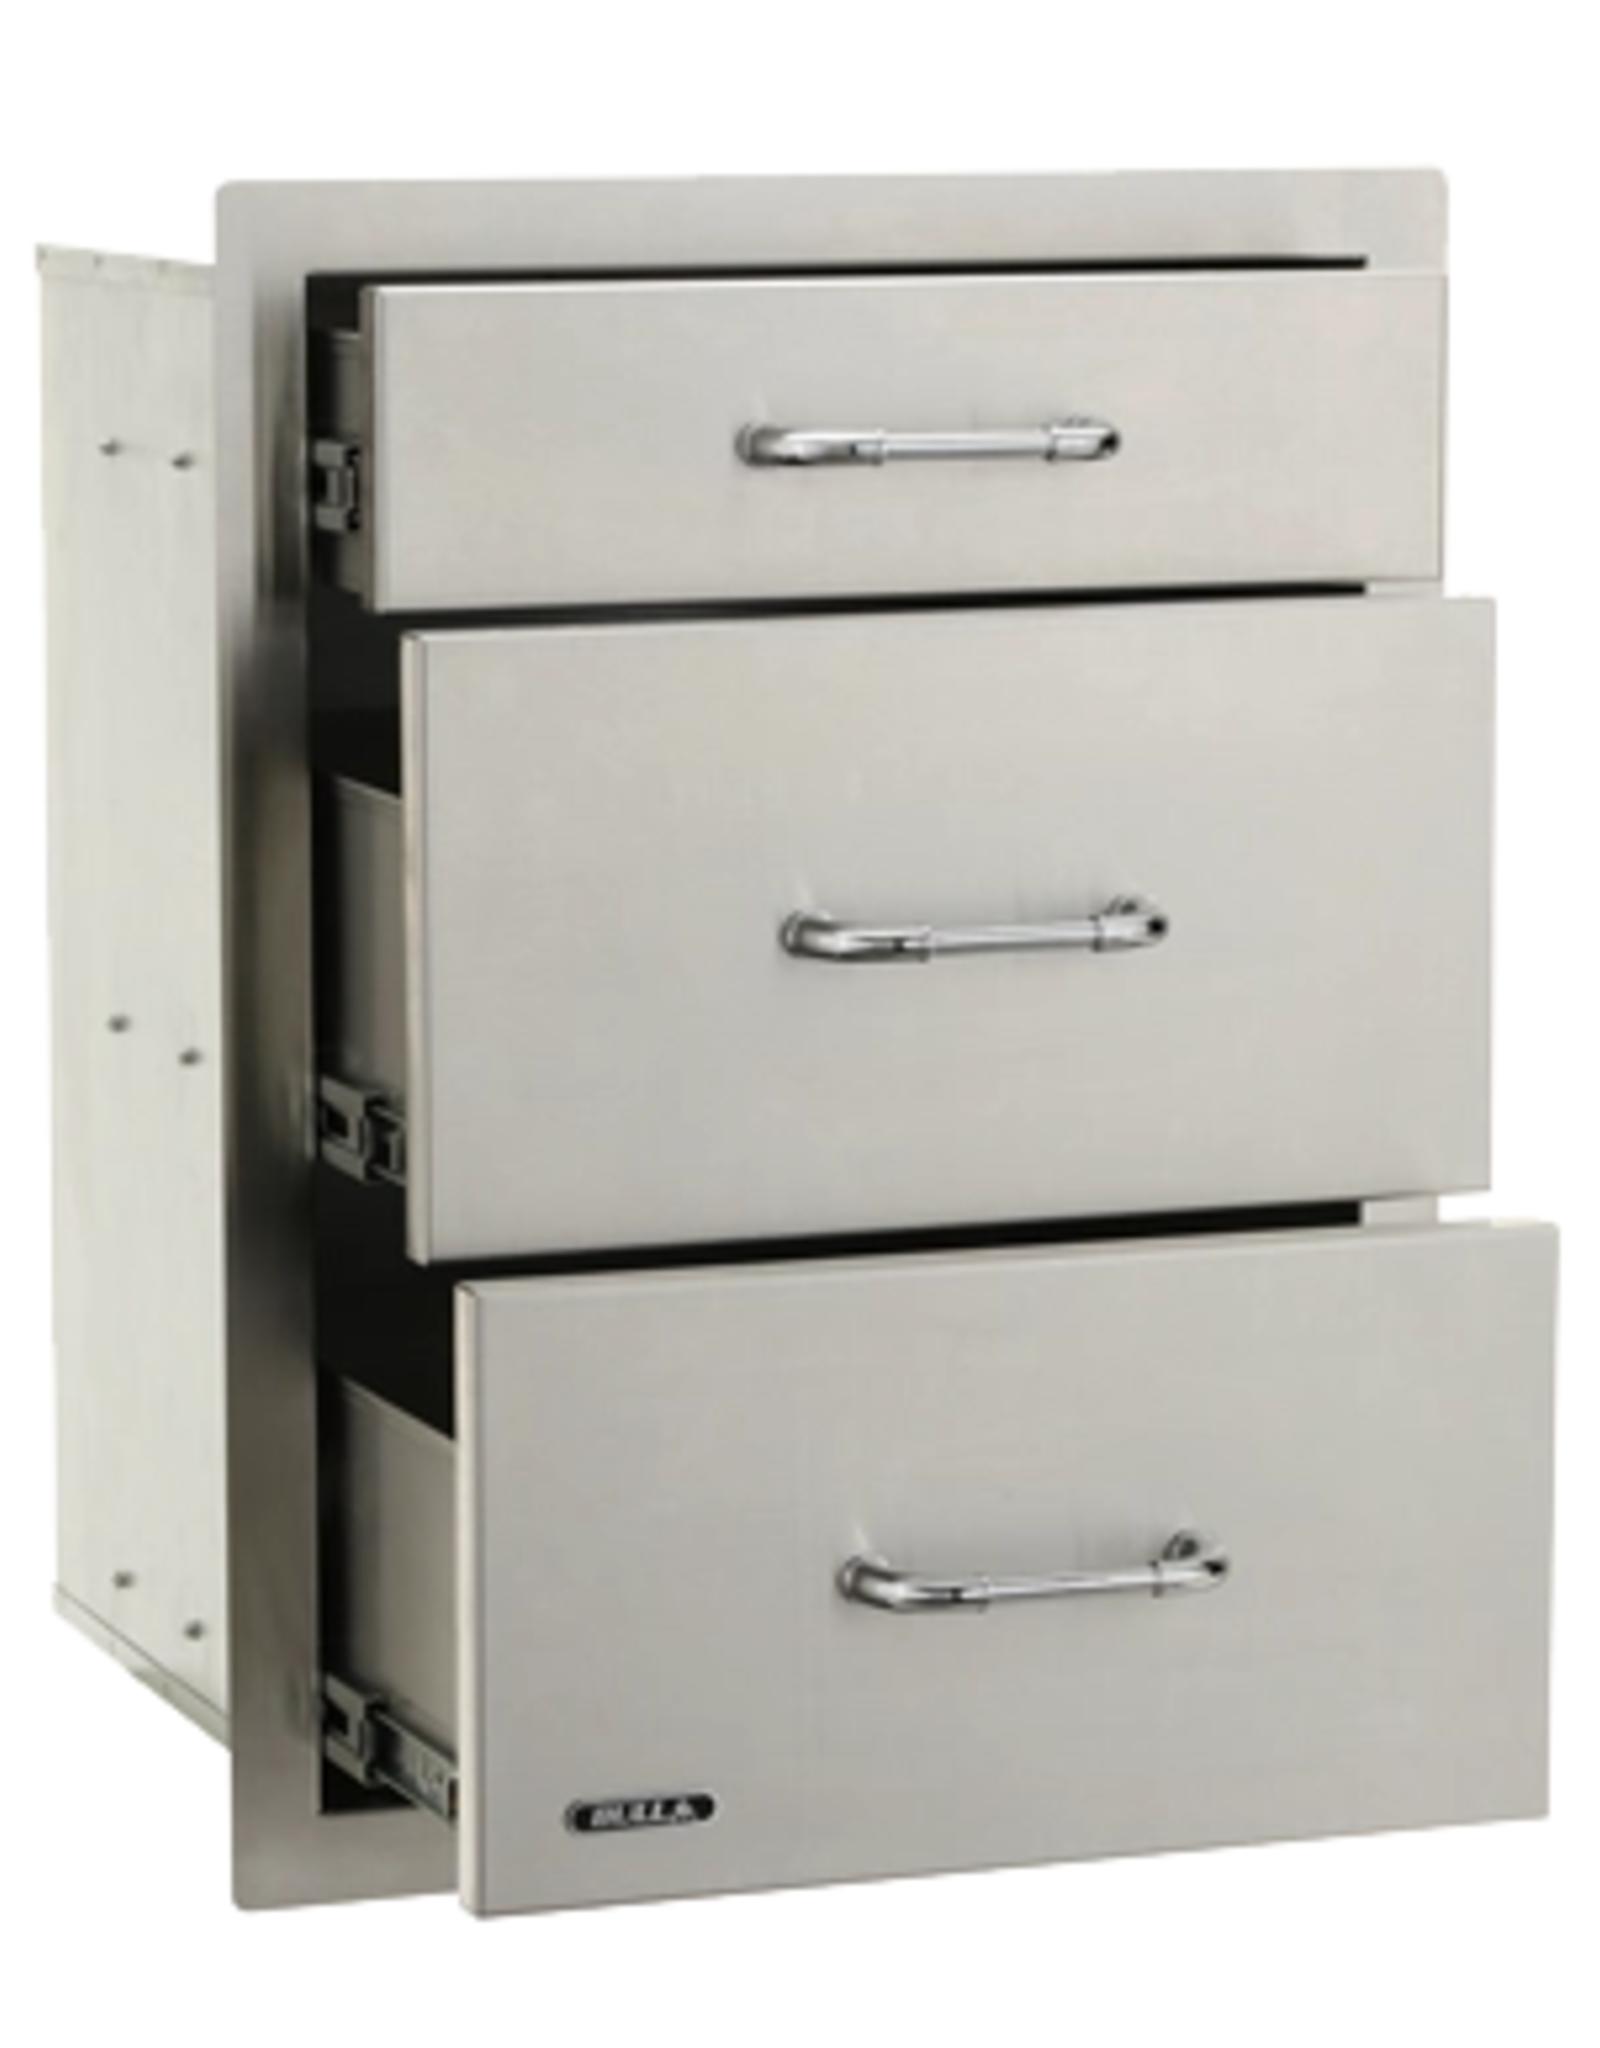 Bull Bull Stainless Steel Triple Drawer System